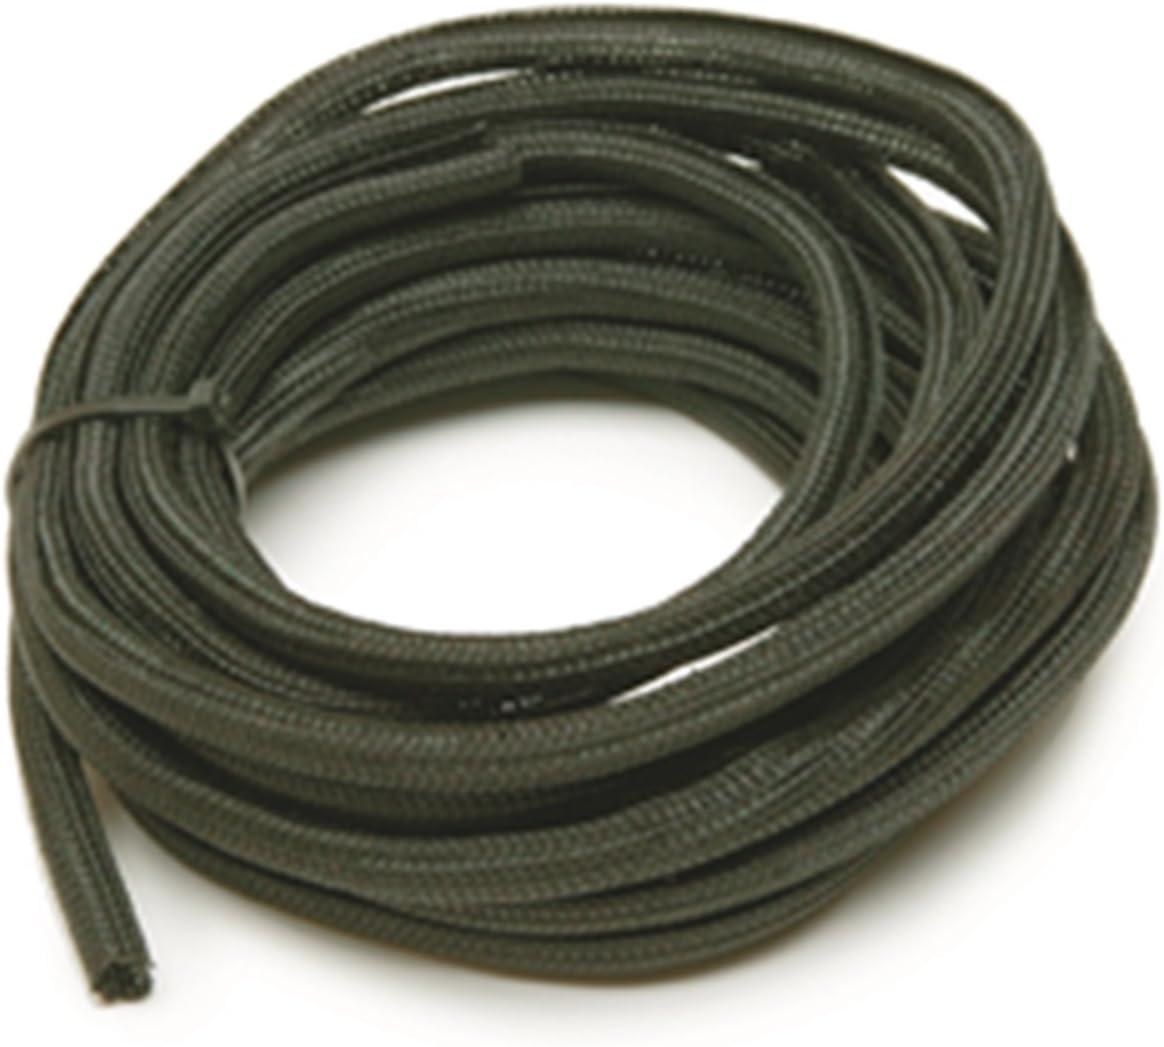 1//4 Diameter Painless Performance 70901 PowerBraid Split Braided Sleeving 20 Length